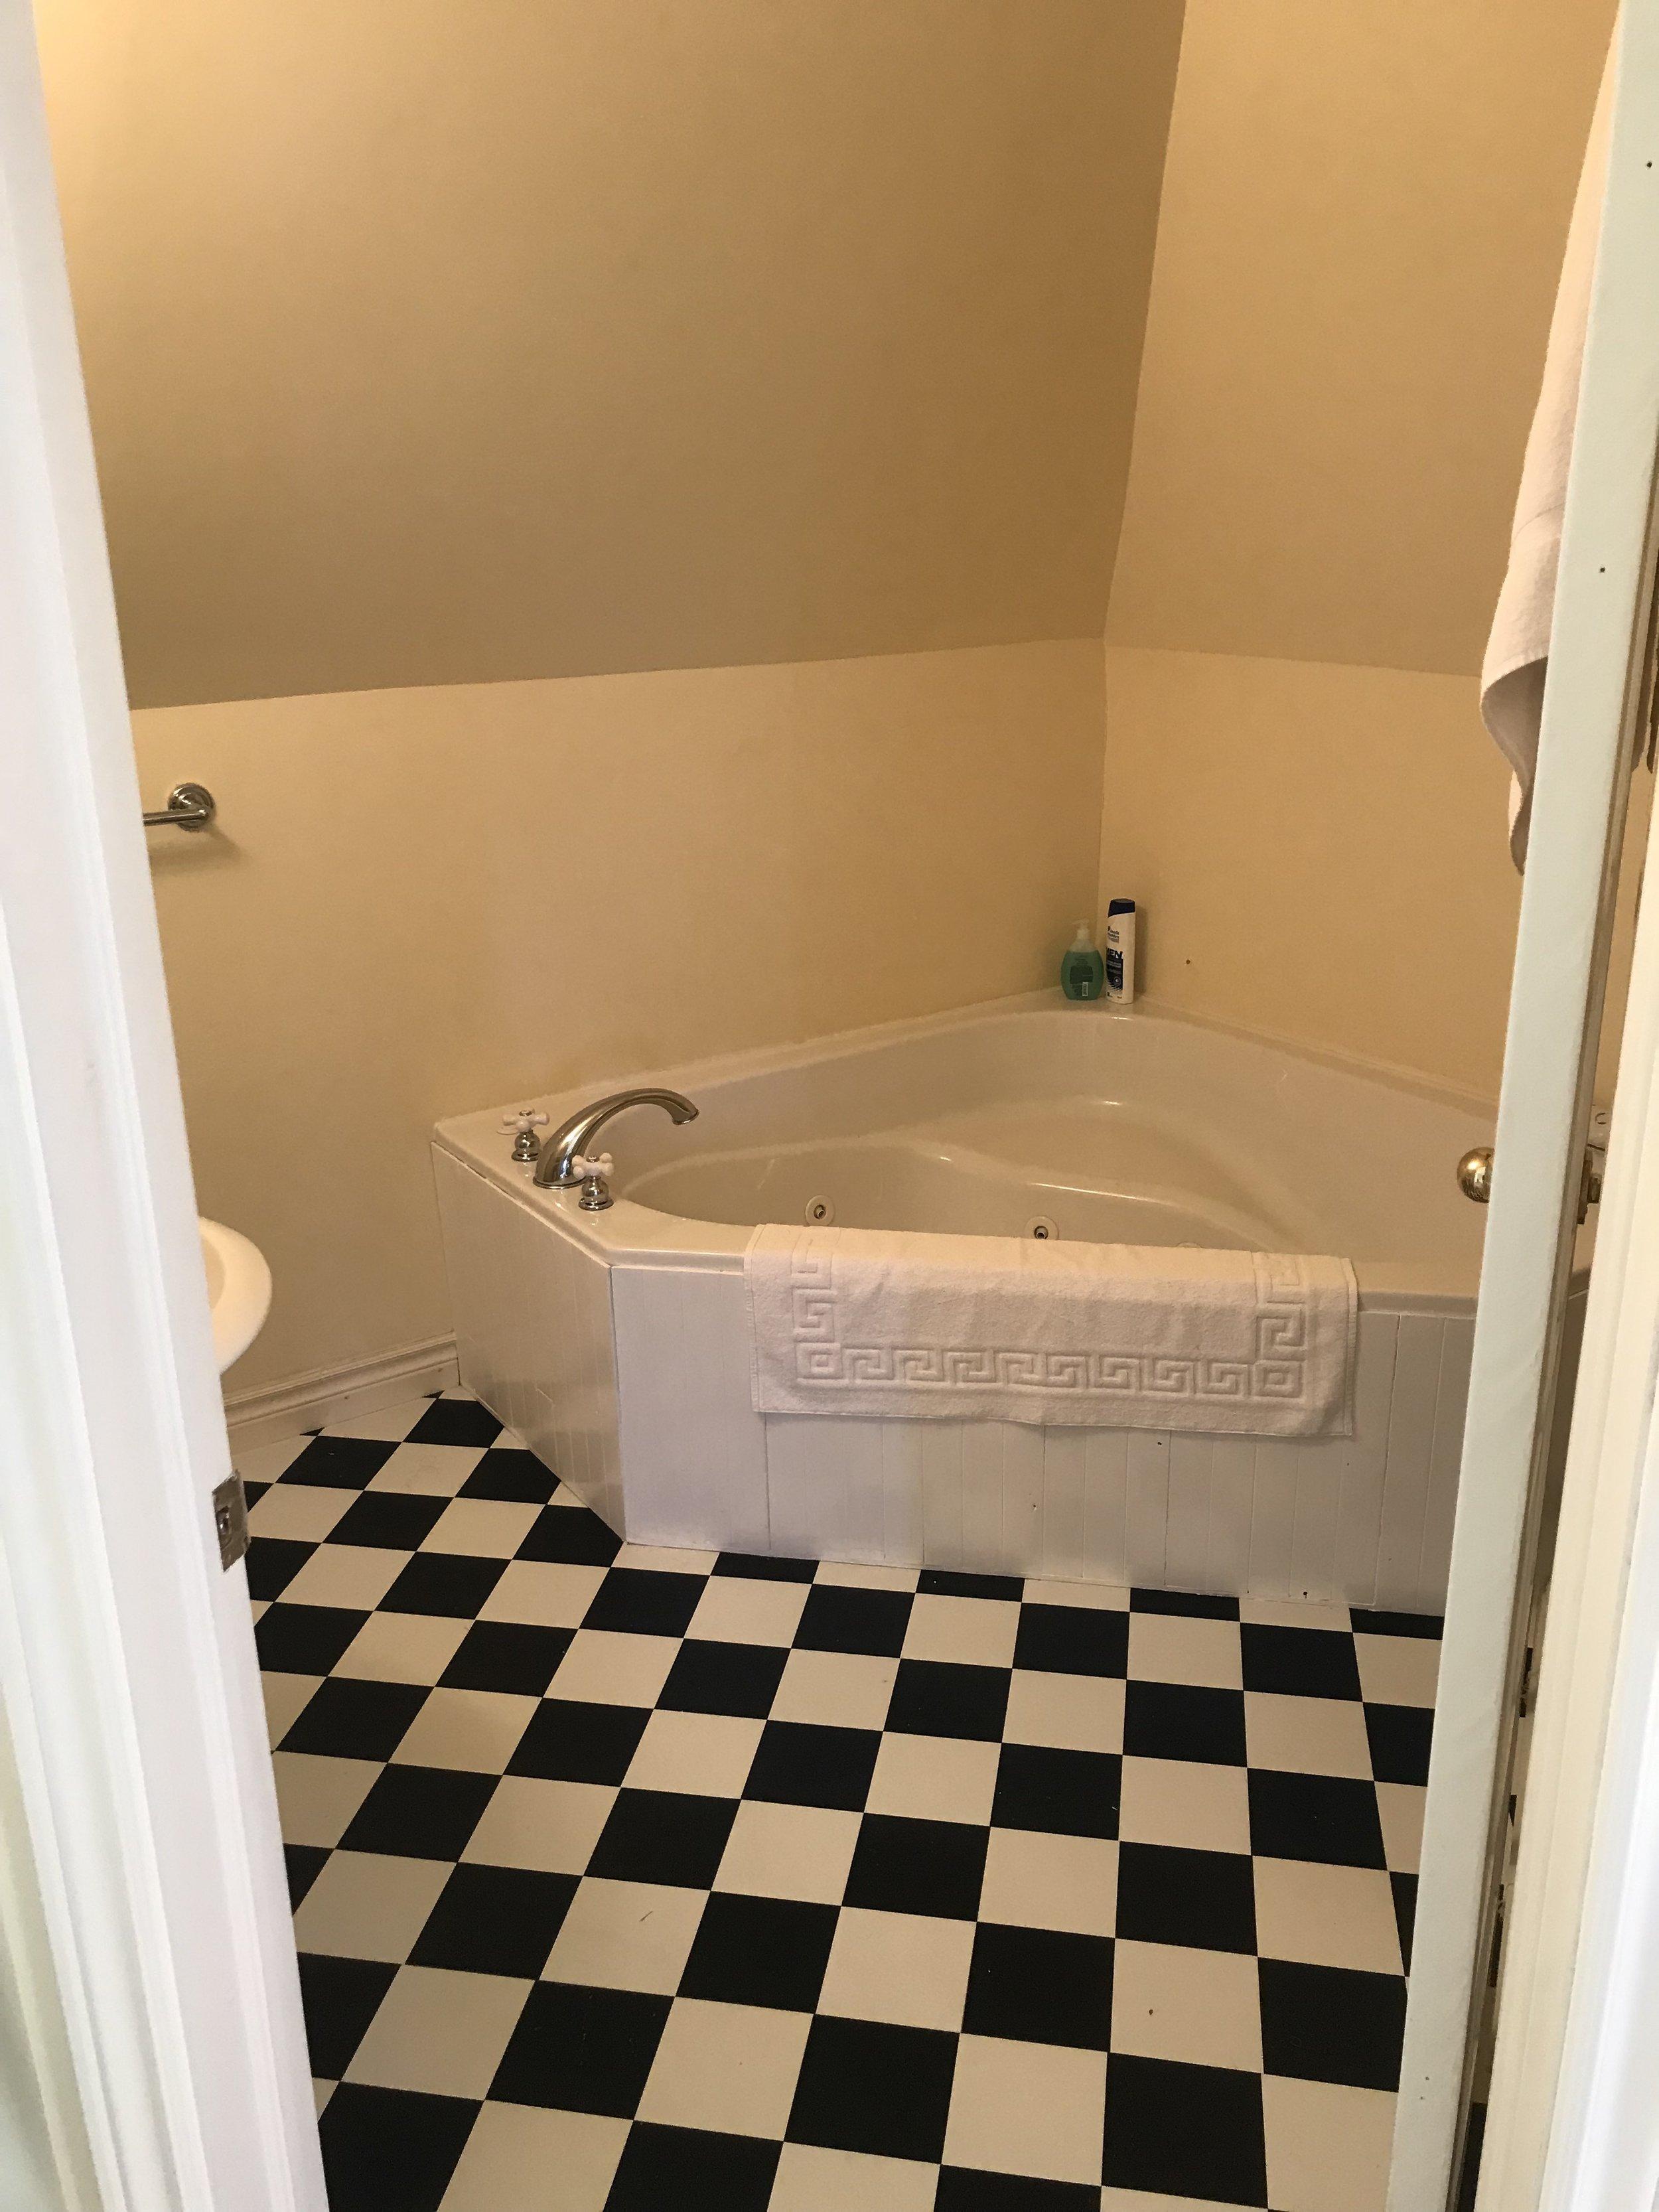 My Jacuzzi tub